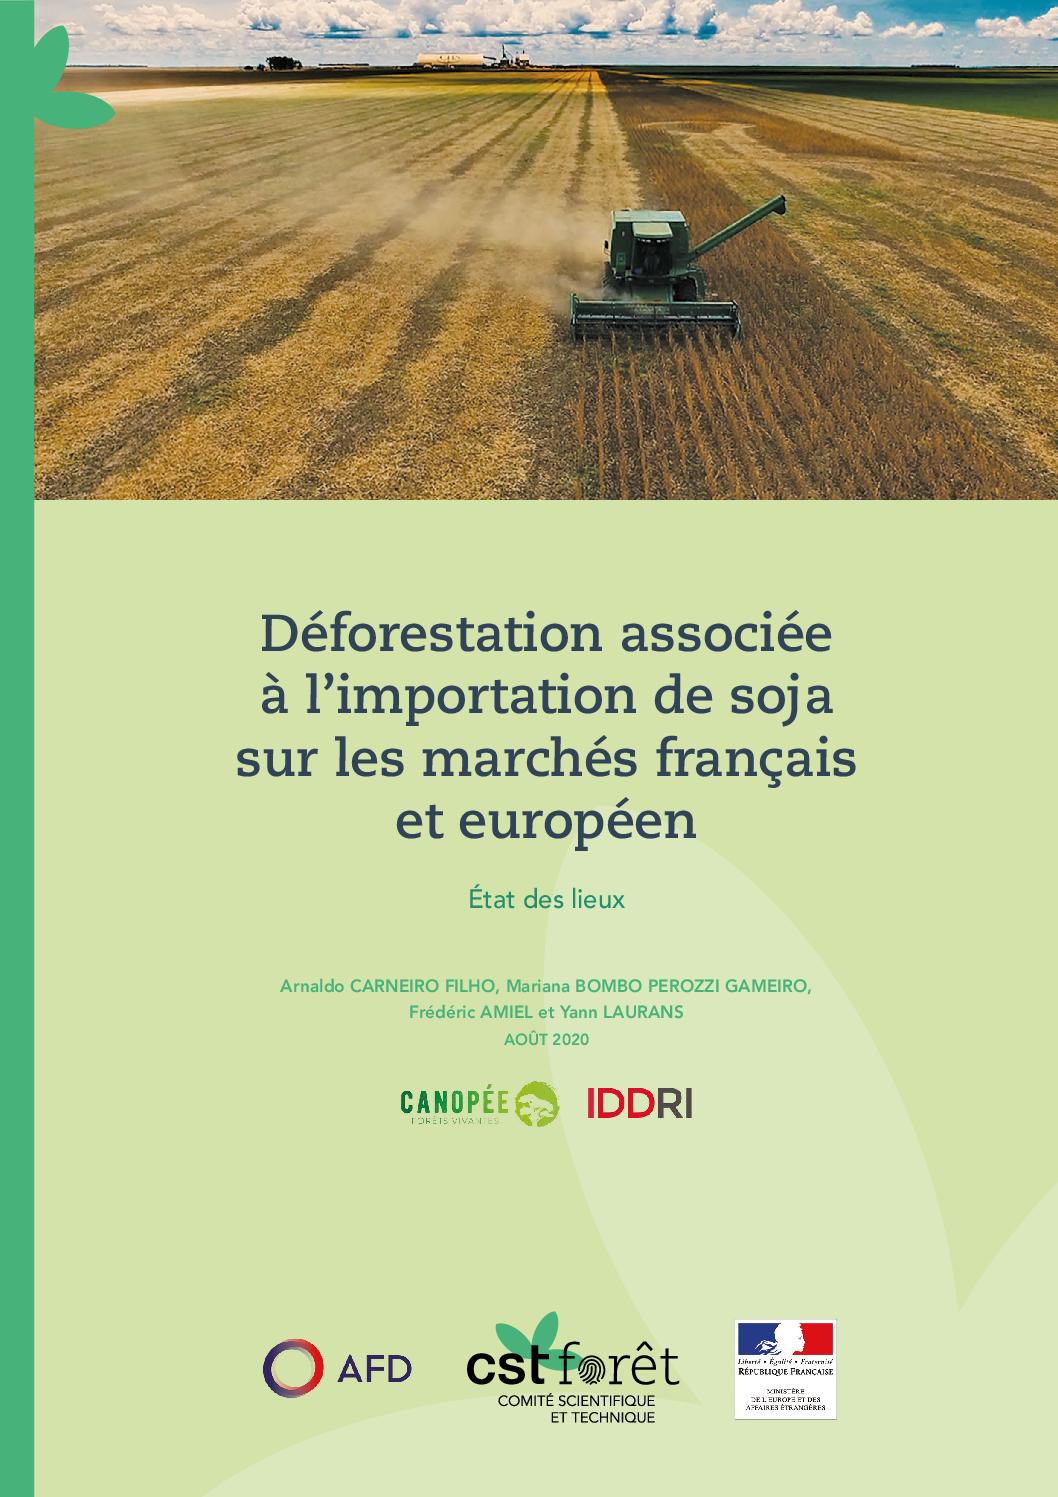 2eme-publication-sur-la-deforestation-associe-a-limportation-du-soja